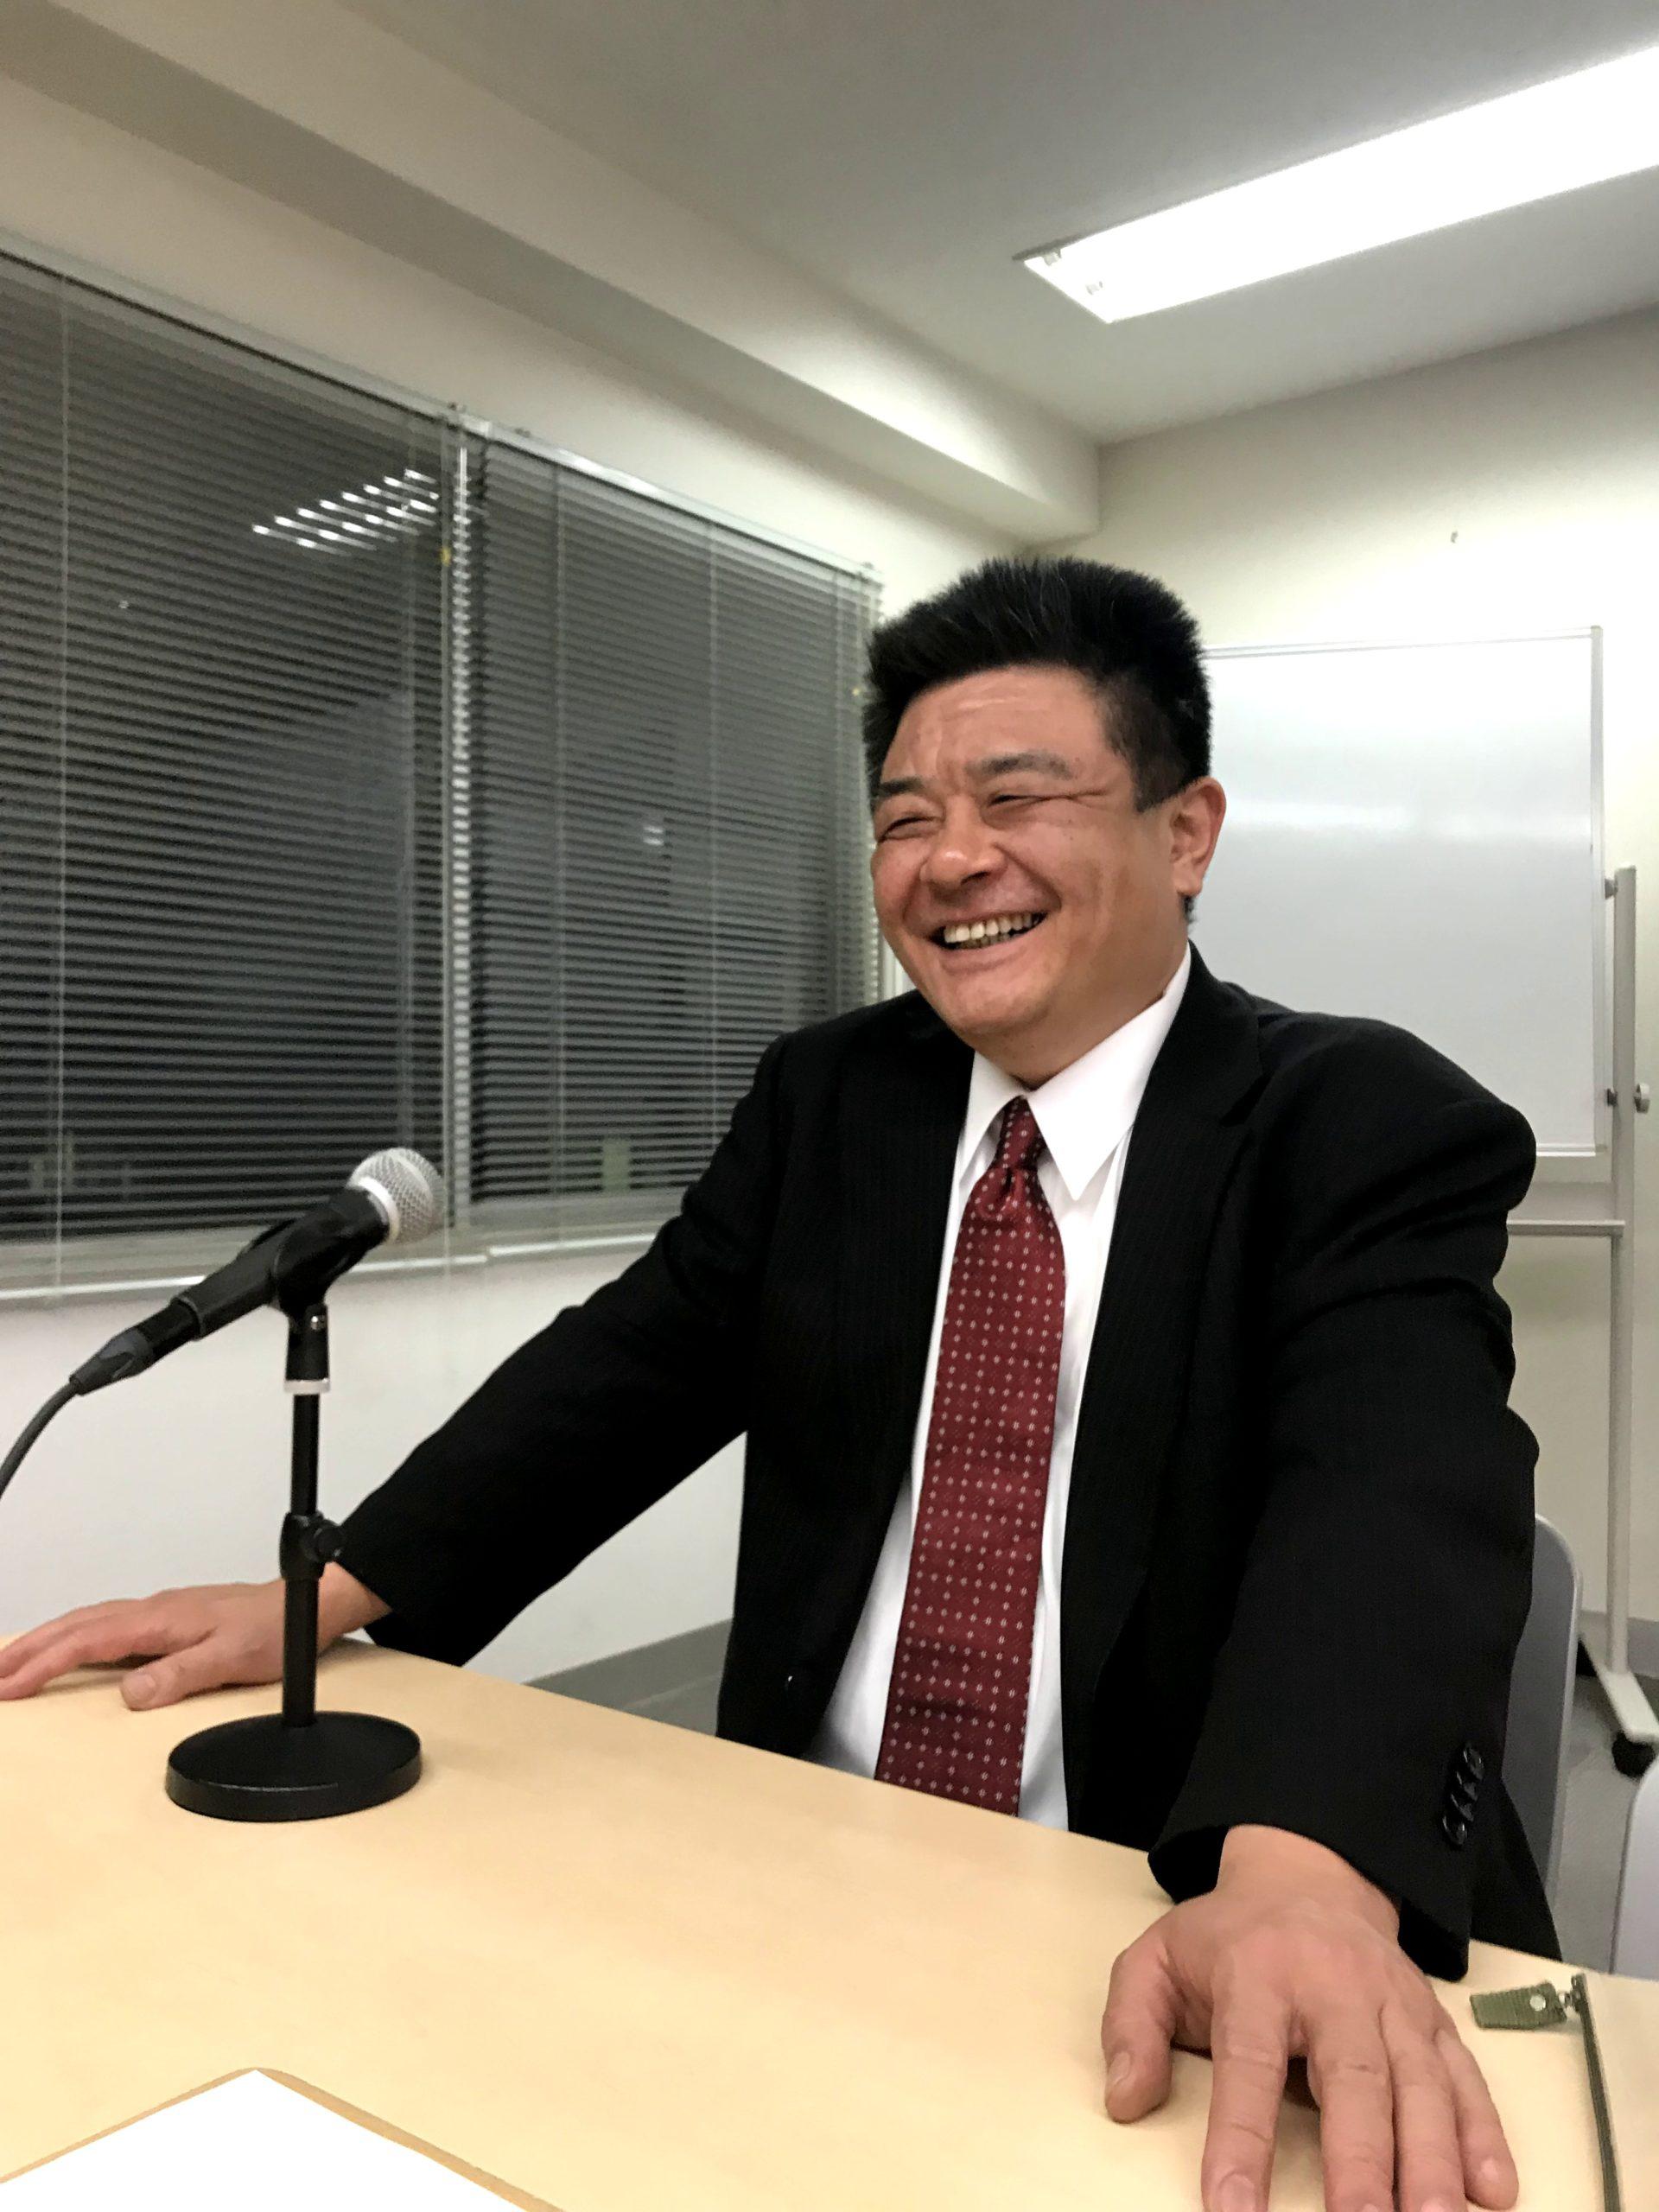 経営者インタビュー 大崎玄長氏(株式会社エヌエフエー 代表取締役)